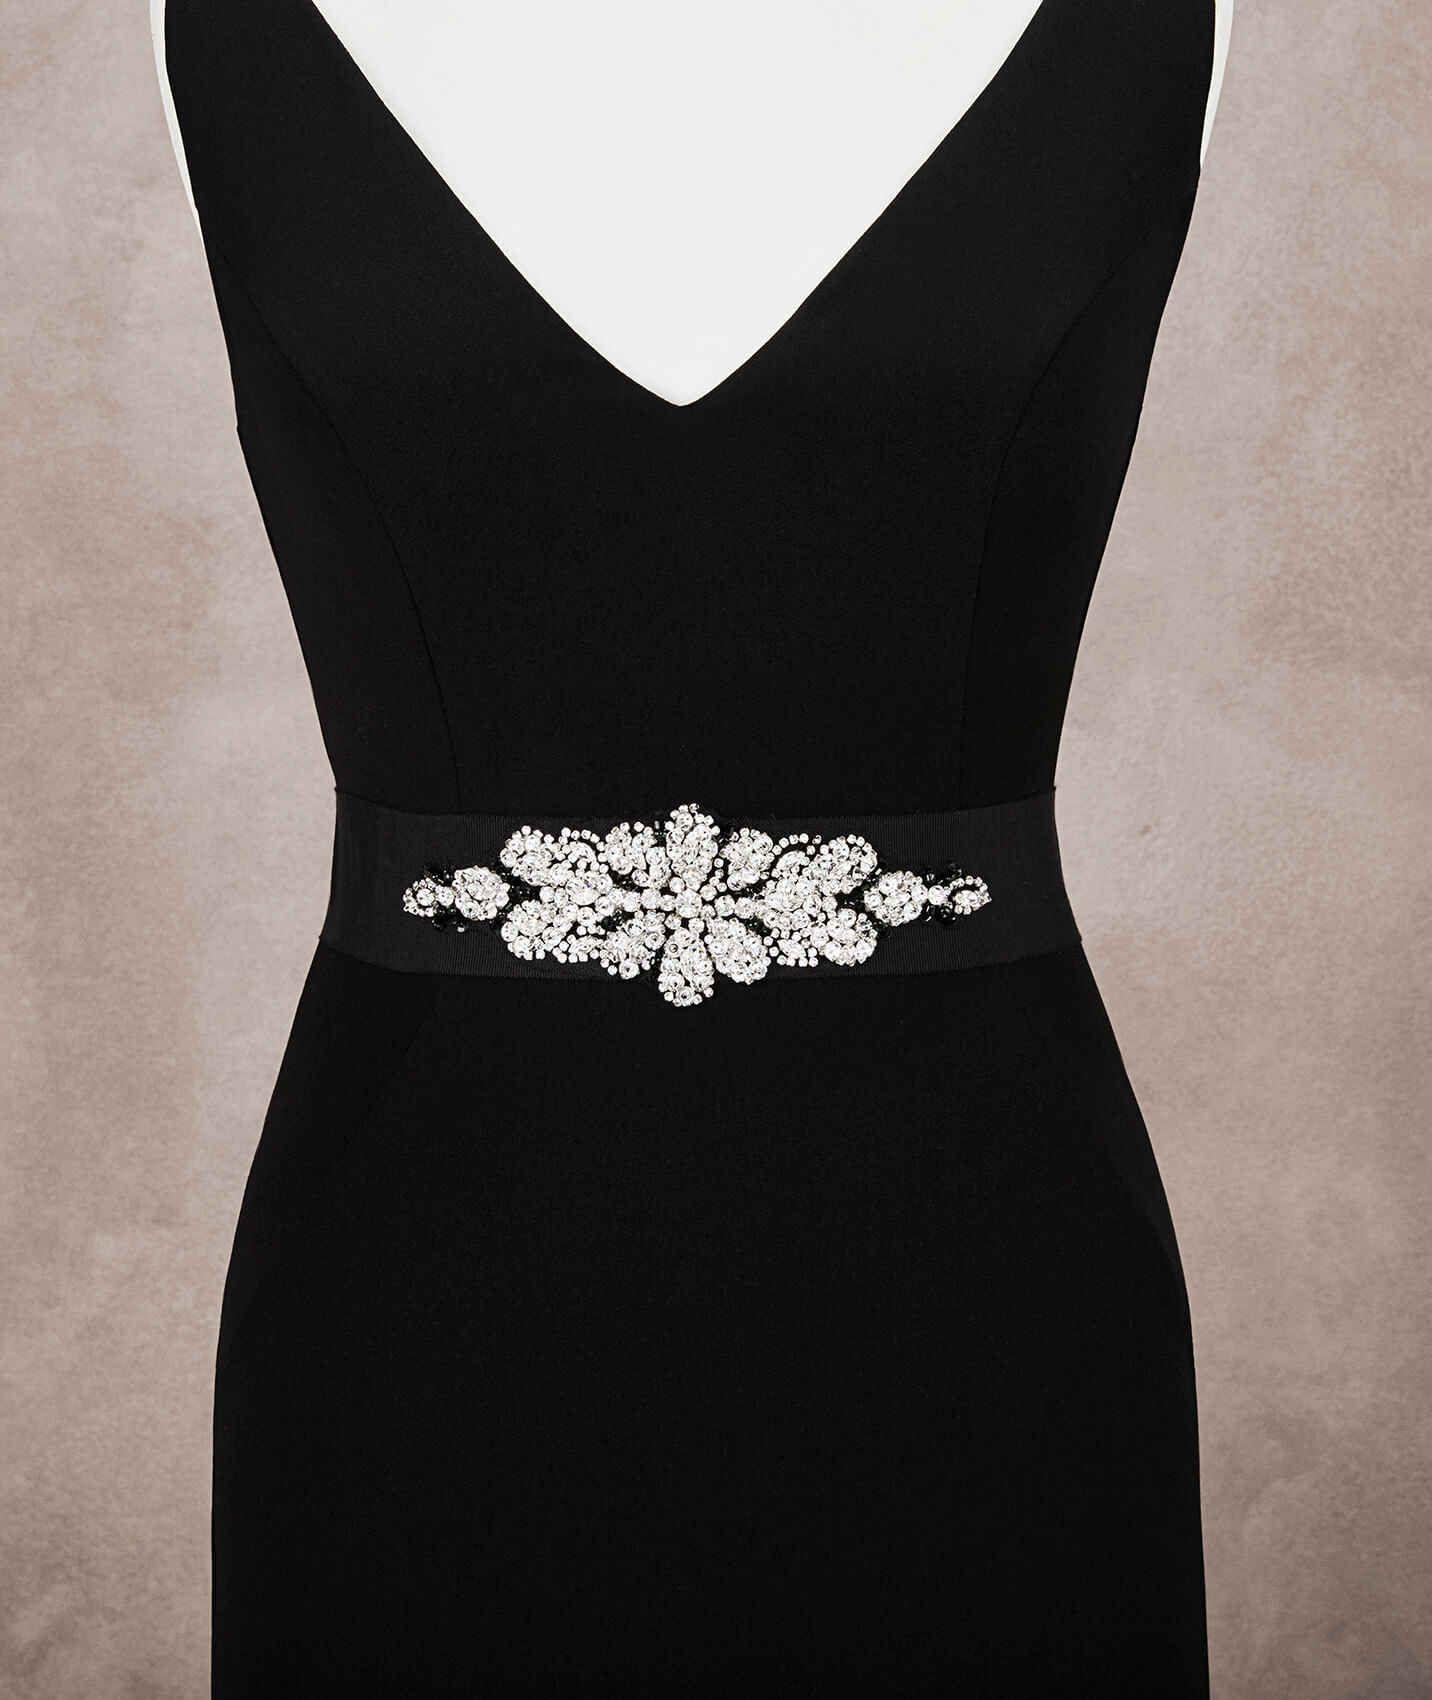 Cinturón para vestido de fiesta  ee25da02e569